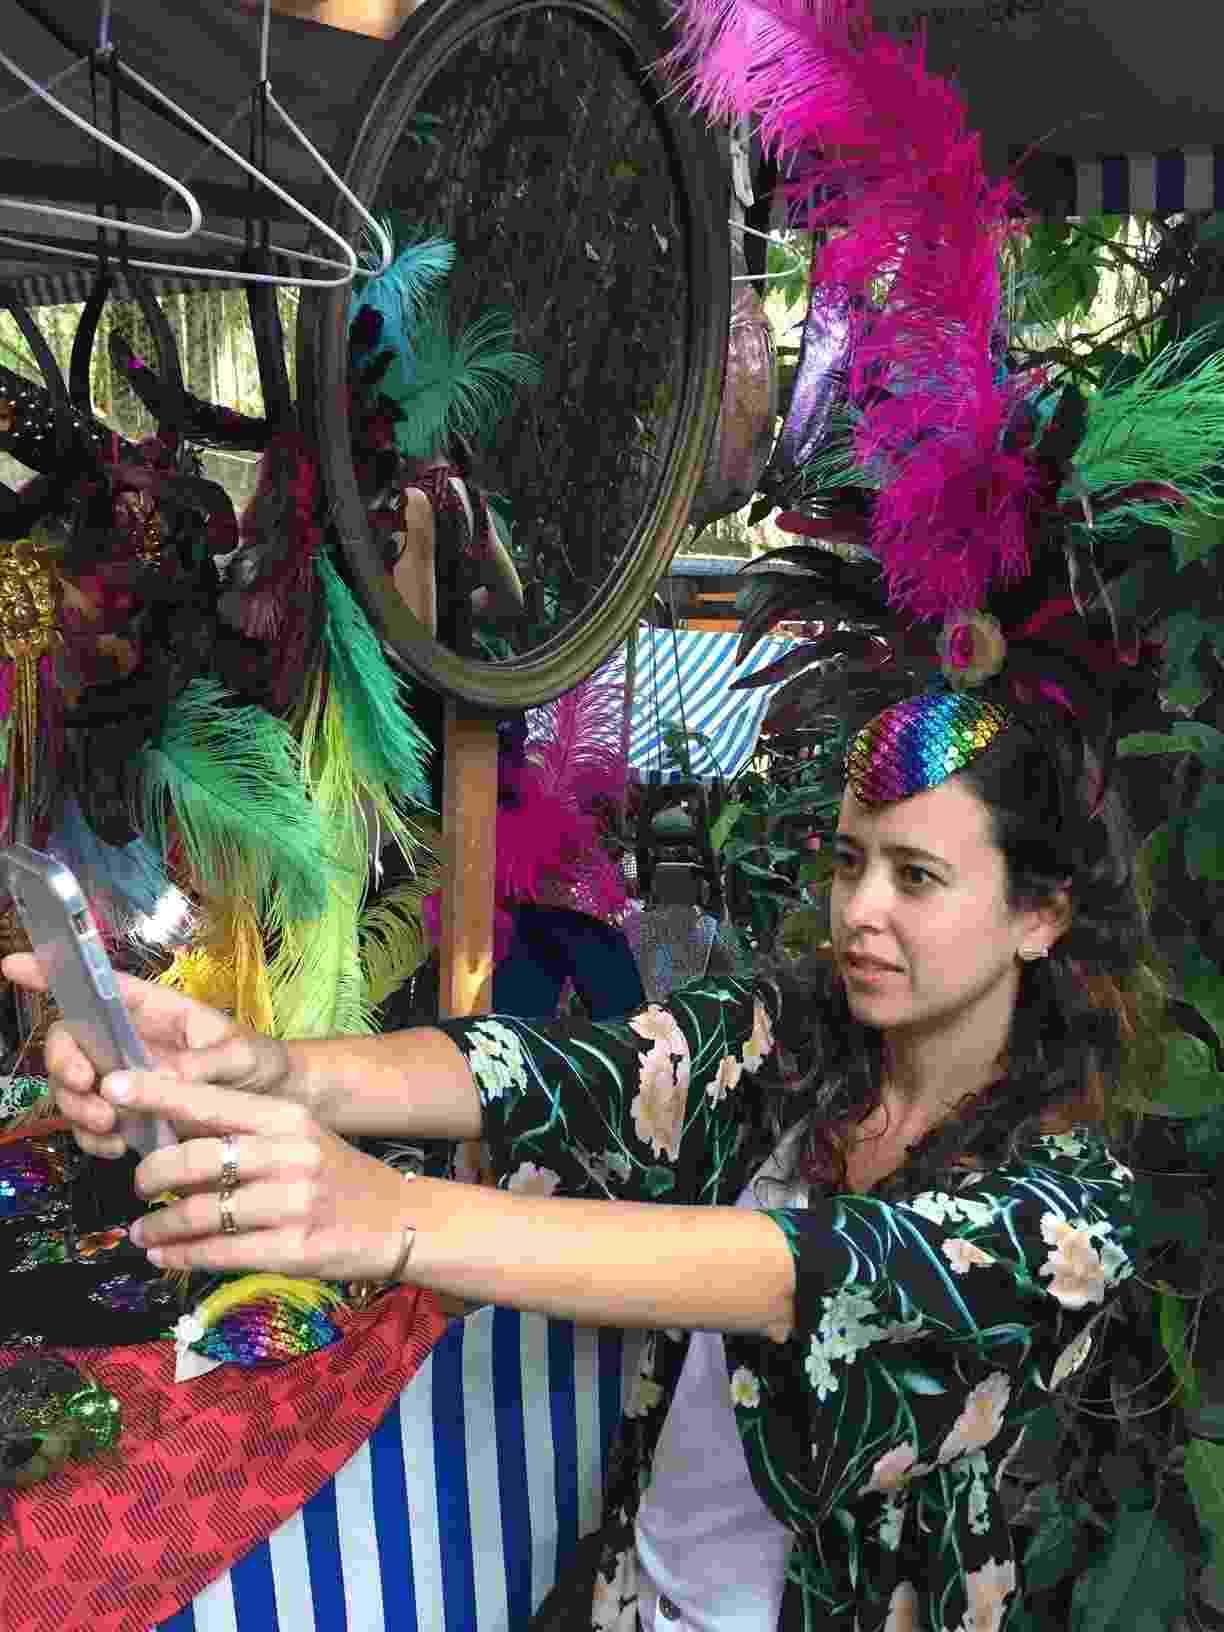 Feira de Carnaval Rio selfie - Giovani Lettiere/UOL